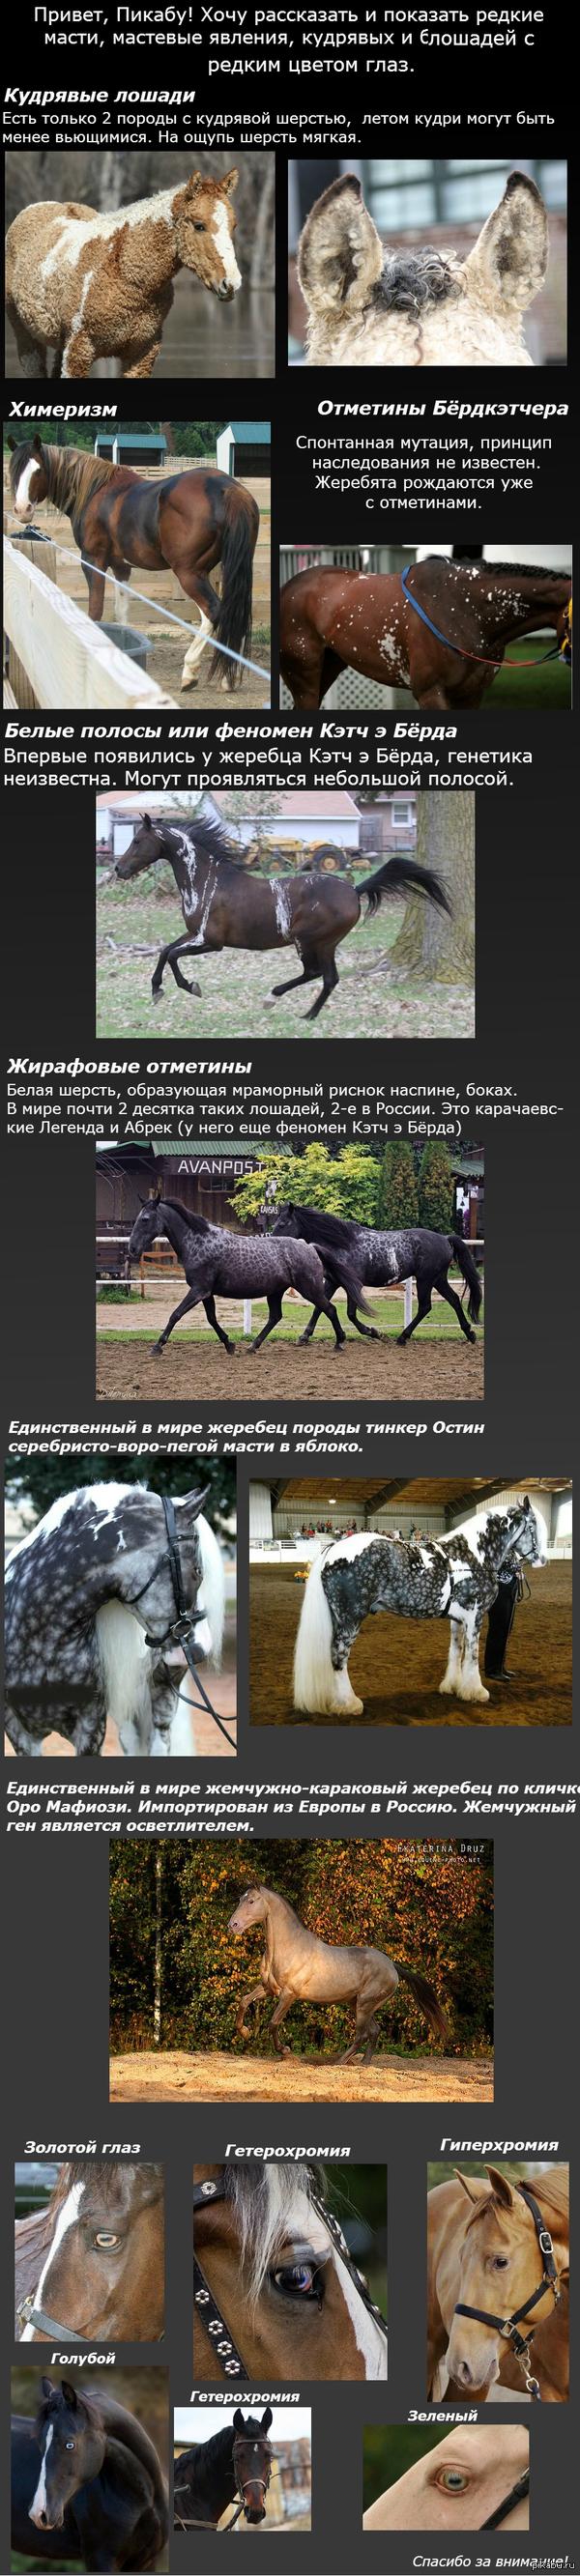 Редкие масти и цвета глаз у лошадей. Кратко о самых редких.